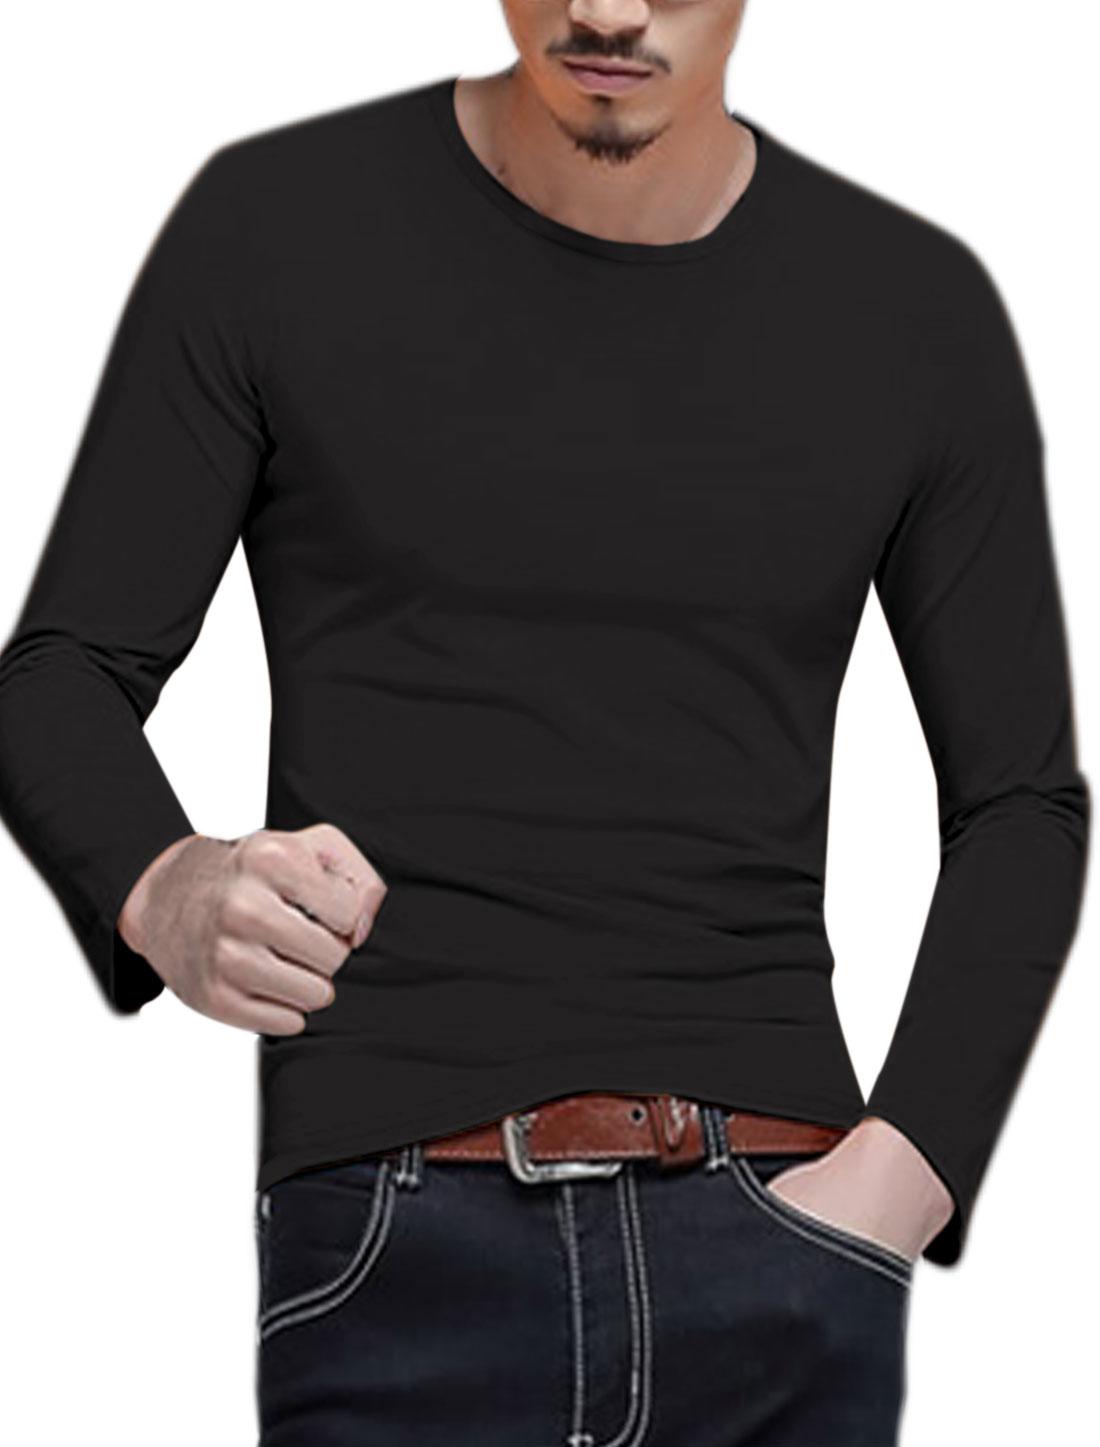 Men Long Sleeves Crew Neck Slim Fit Tee Shirt Black S